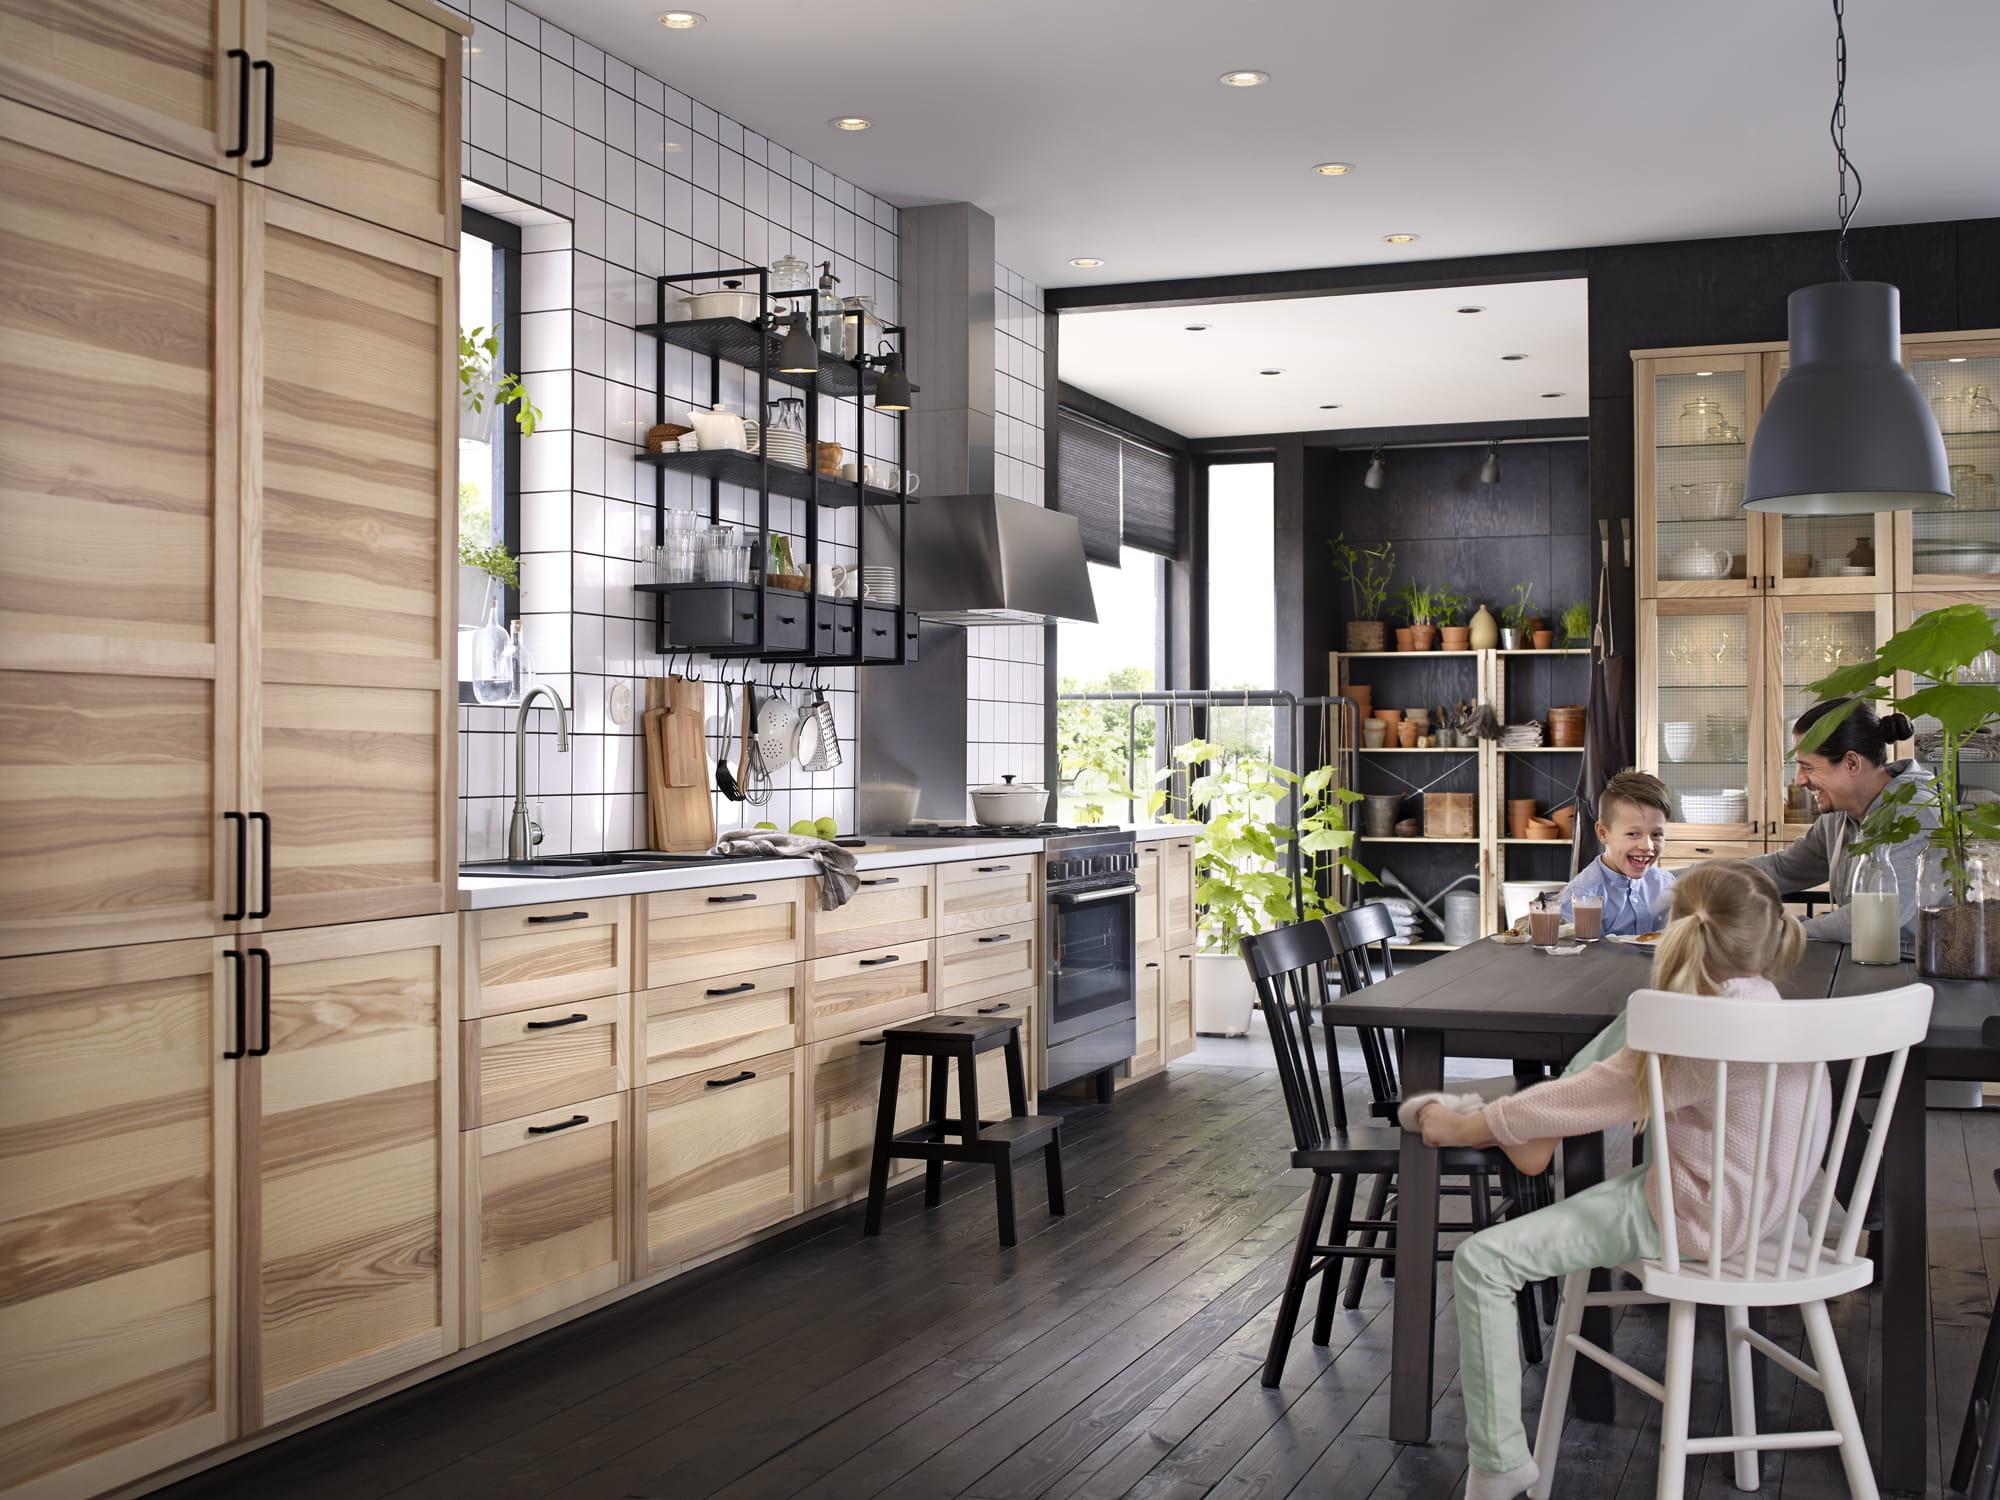 cuisine familiale ikea quoi de neuf dans le nouveau catalogue 2017 journal des femmes. Black Bedroom Furniture Sets. Home Design Ideas